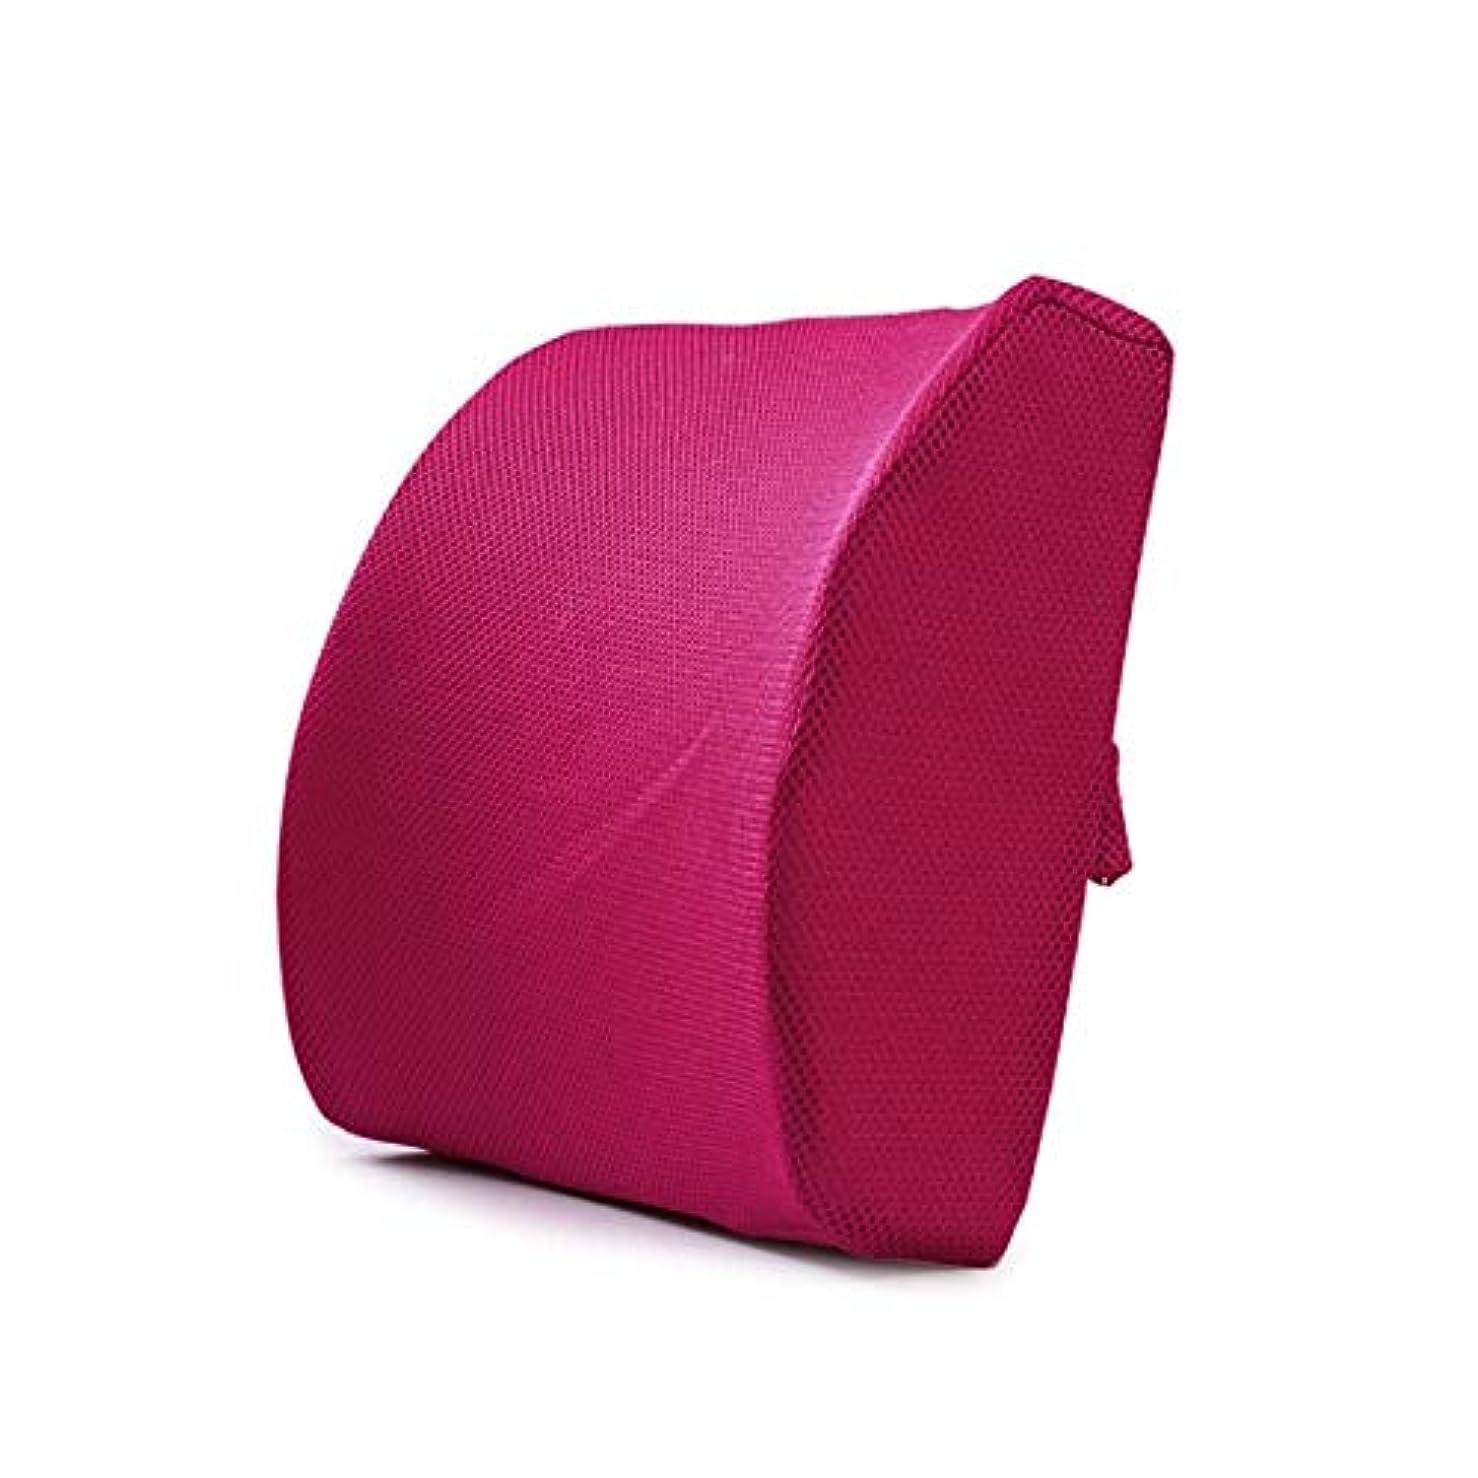 限定書く壊れたLIFE ホームオフィス背もたれ椅子腰椎クッションカーシートネック枕 3D 低反発サポートバックマッサージウエストレスリビング枕 クッション 椅子